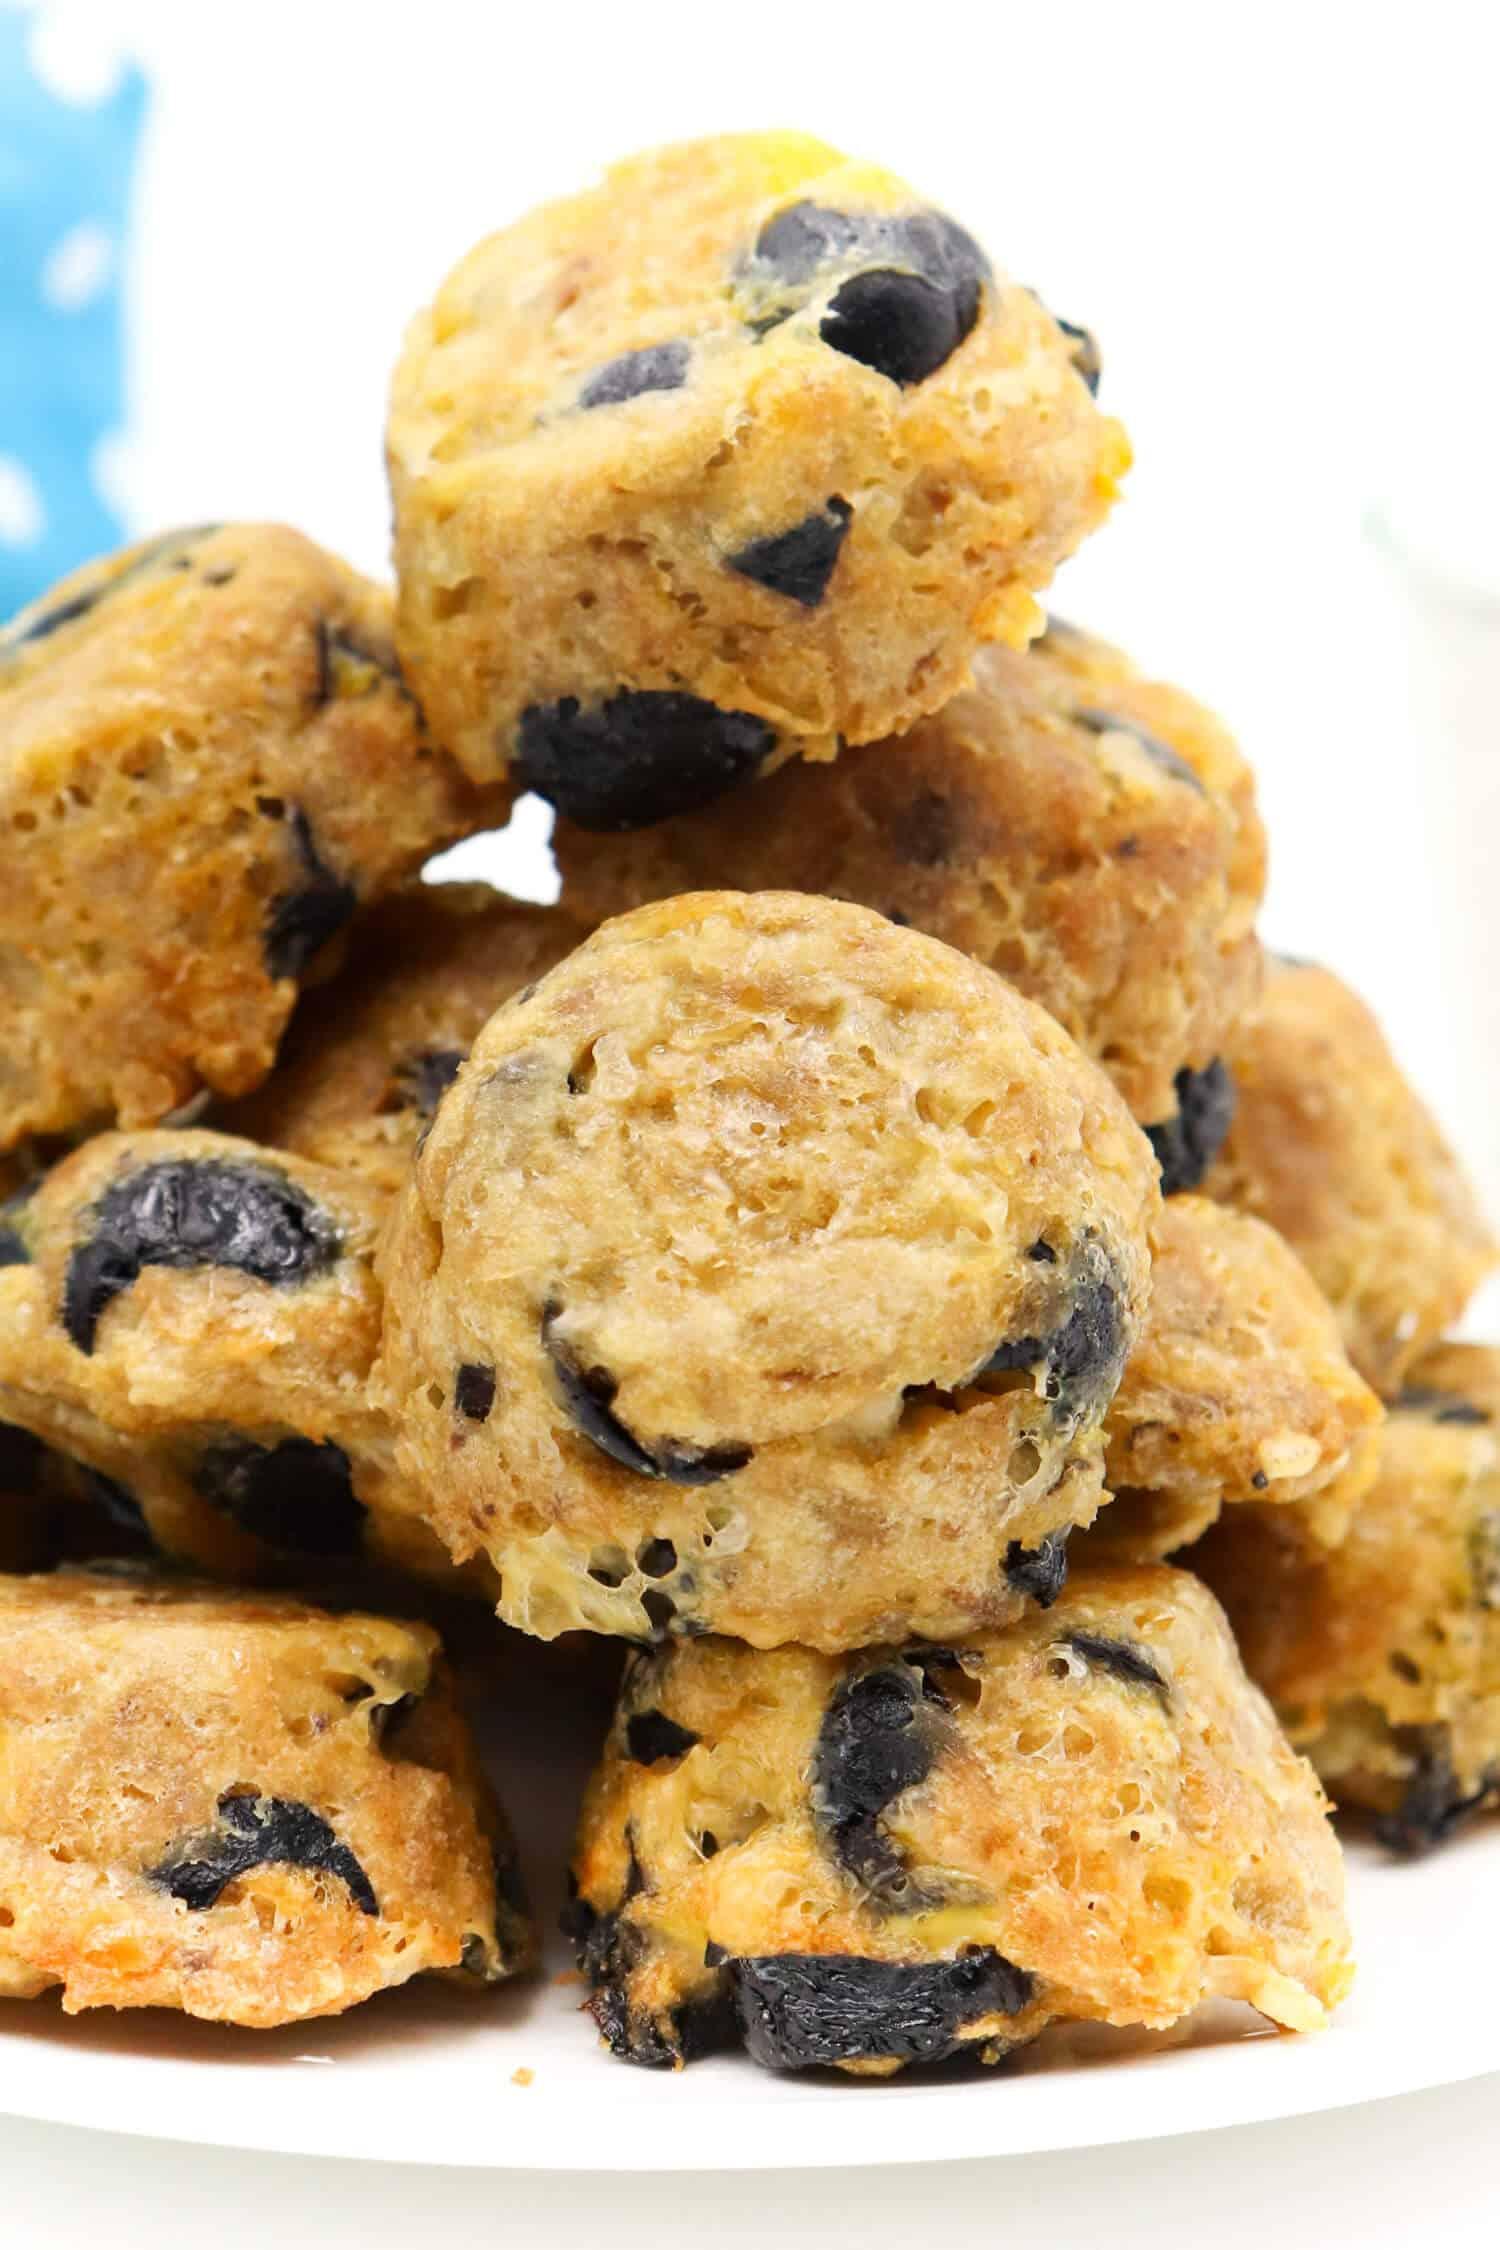 Herzhafte Low Carb Thunfisch Oliven Muffins schnell und einfach backen.